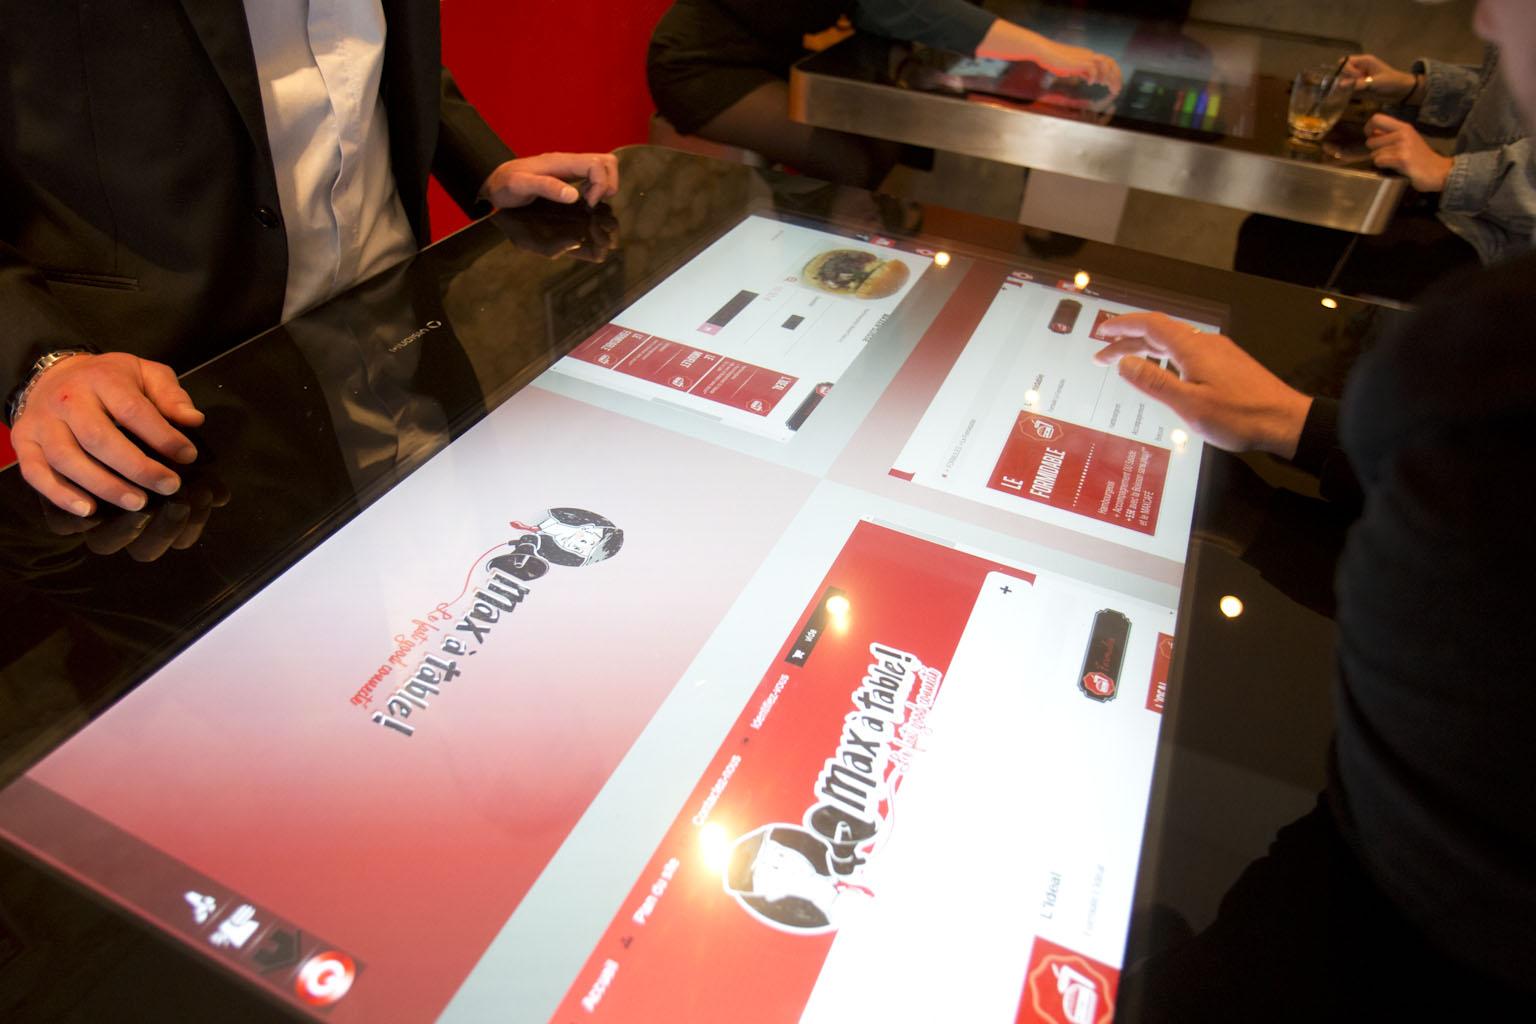 restaurant connecte a bordeaux grace a la table connectee de digitale ge rh expert